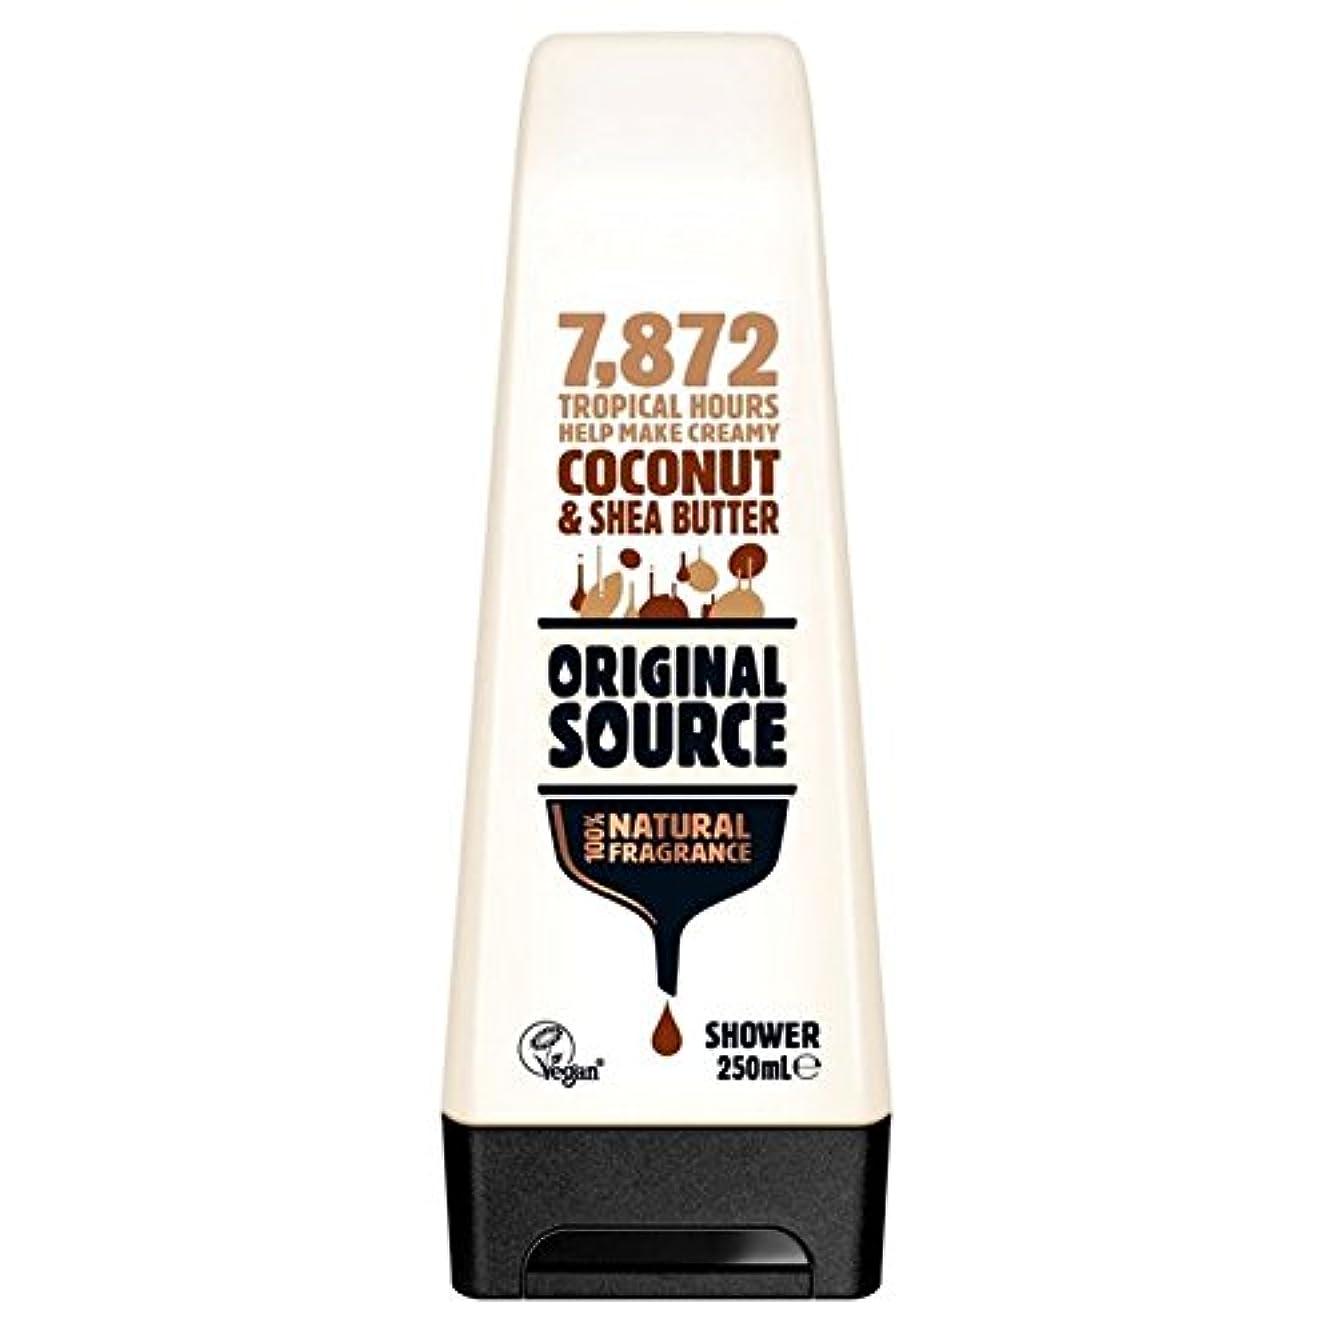 アッパー主に見分ける元のソース保湿ココナッツ&シアバターシャワージェル250ミリリットル x2 - Original Source Moisturising Coconut & Shea Butter Shower Gel 250ml (Pack of 2) [並行輸入品]